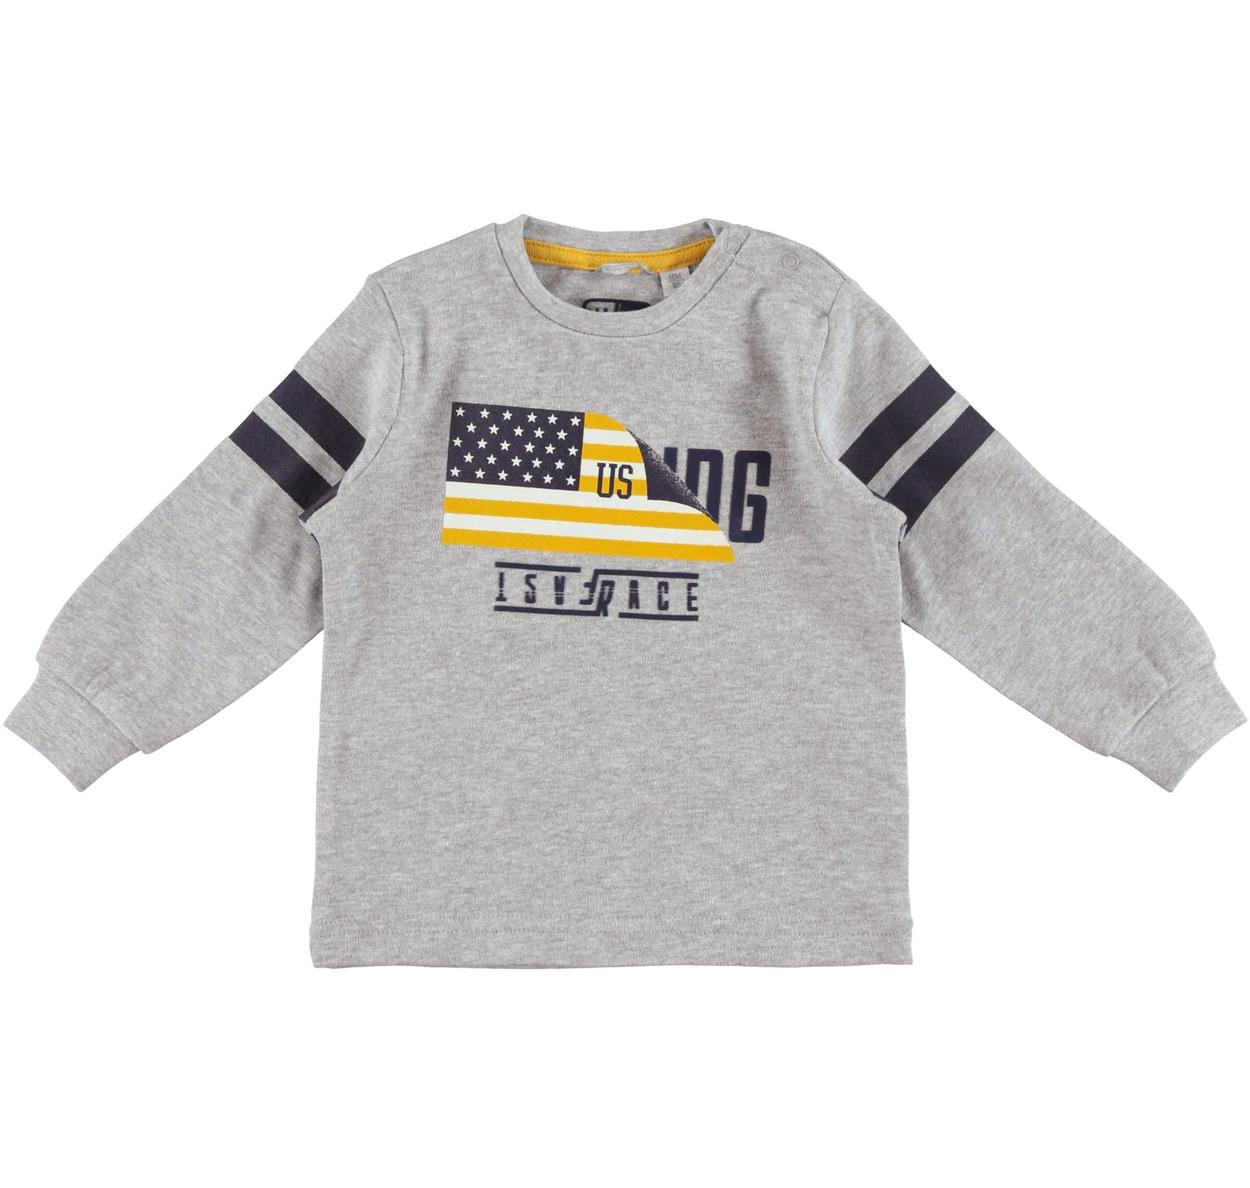 94c39ba6b6 Maglietta sportiva a manica lunga per bambino da 6 mesi a 7 anni Sarabanda  GRIGIO MELANGE